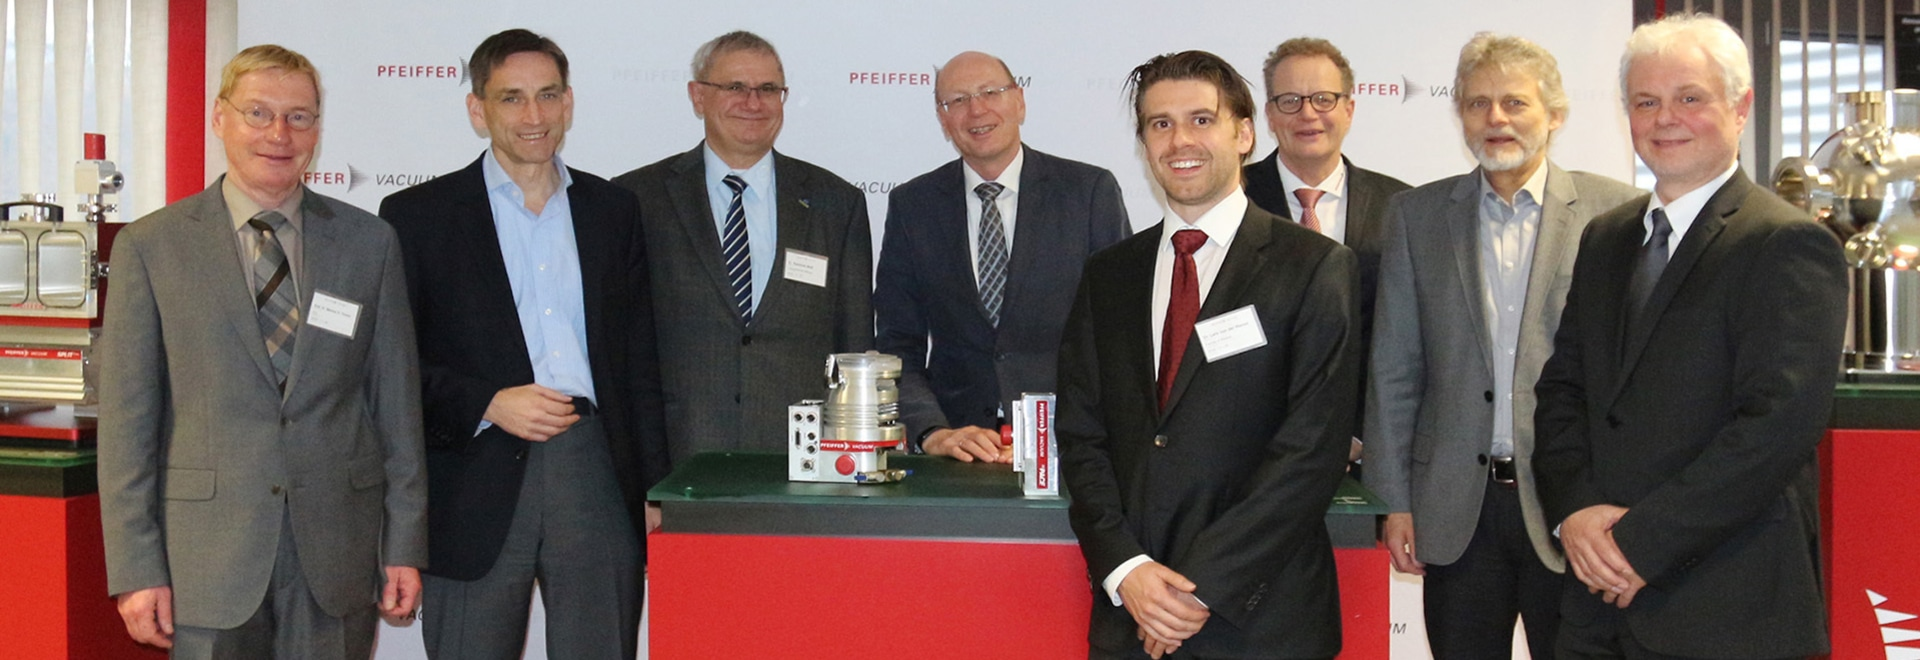 Pfeiffer Vacuum welcomes this year's Röntgen Award winner, Dr. Lars von der Wense